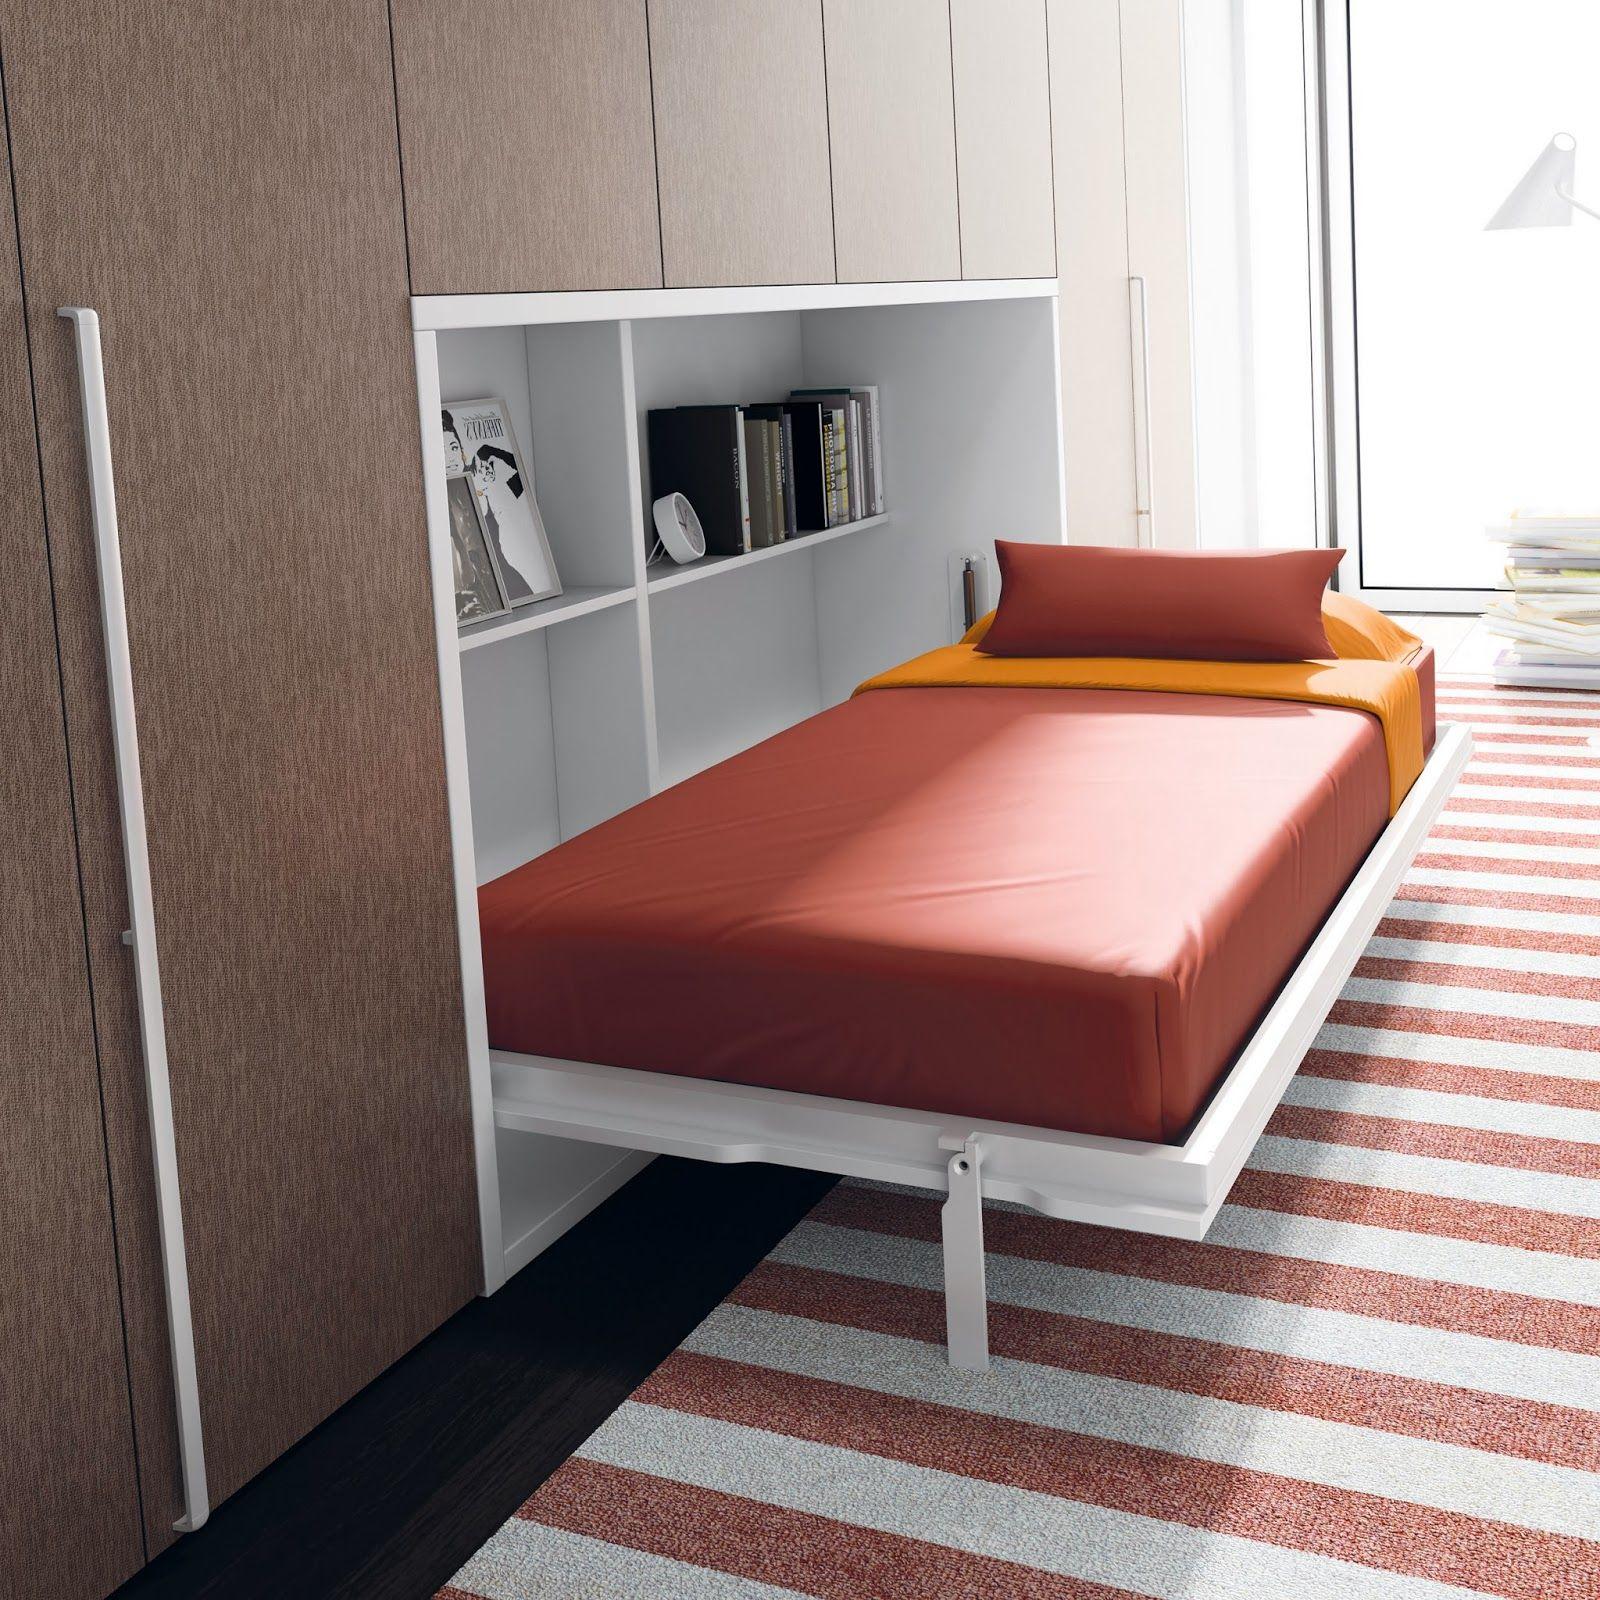 literas armarios y camas abatibles camas abatibles pinterest diy house. Black Bedroom Furniture Sets. Home Design Ideas